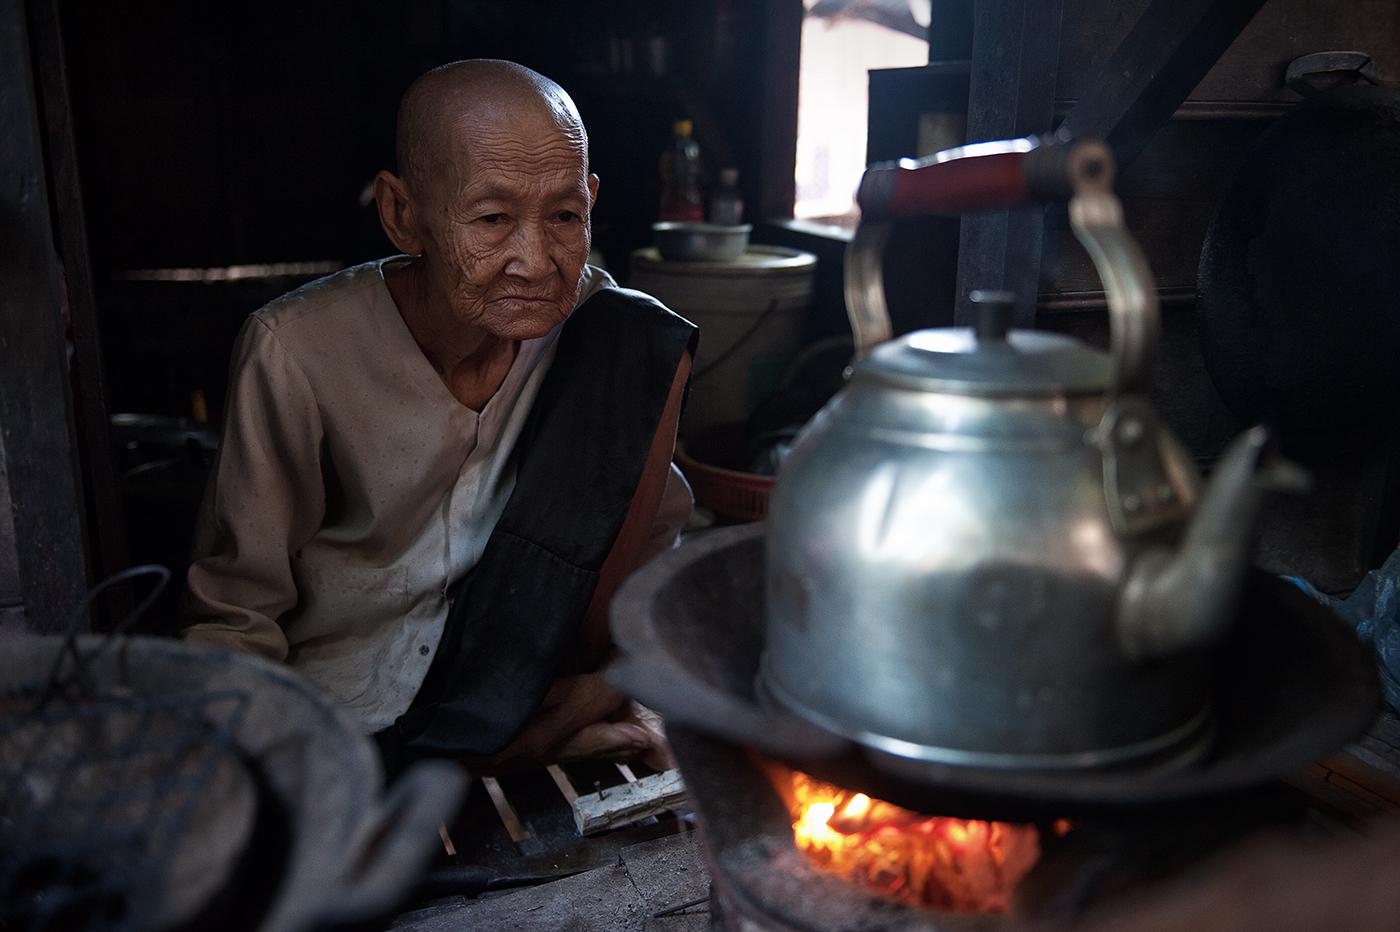 Healing Cambodia